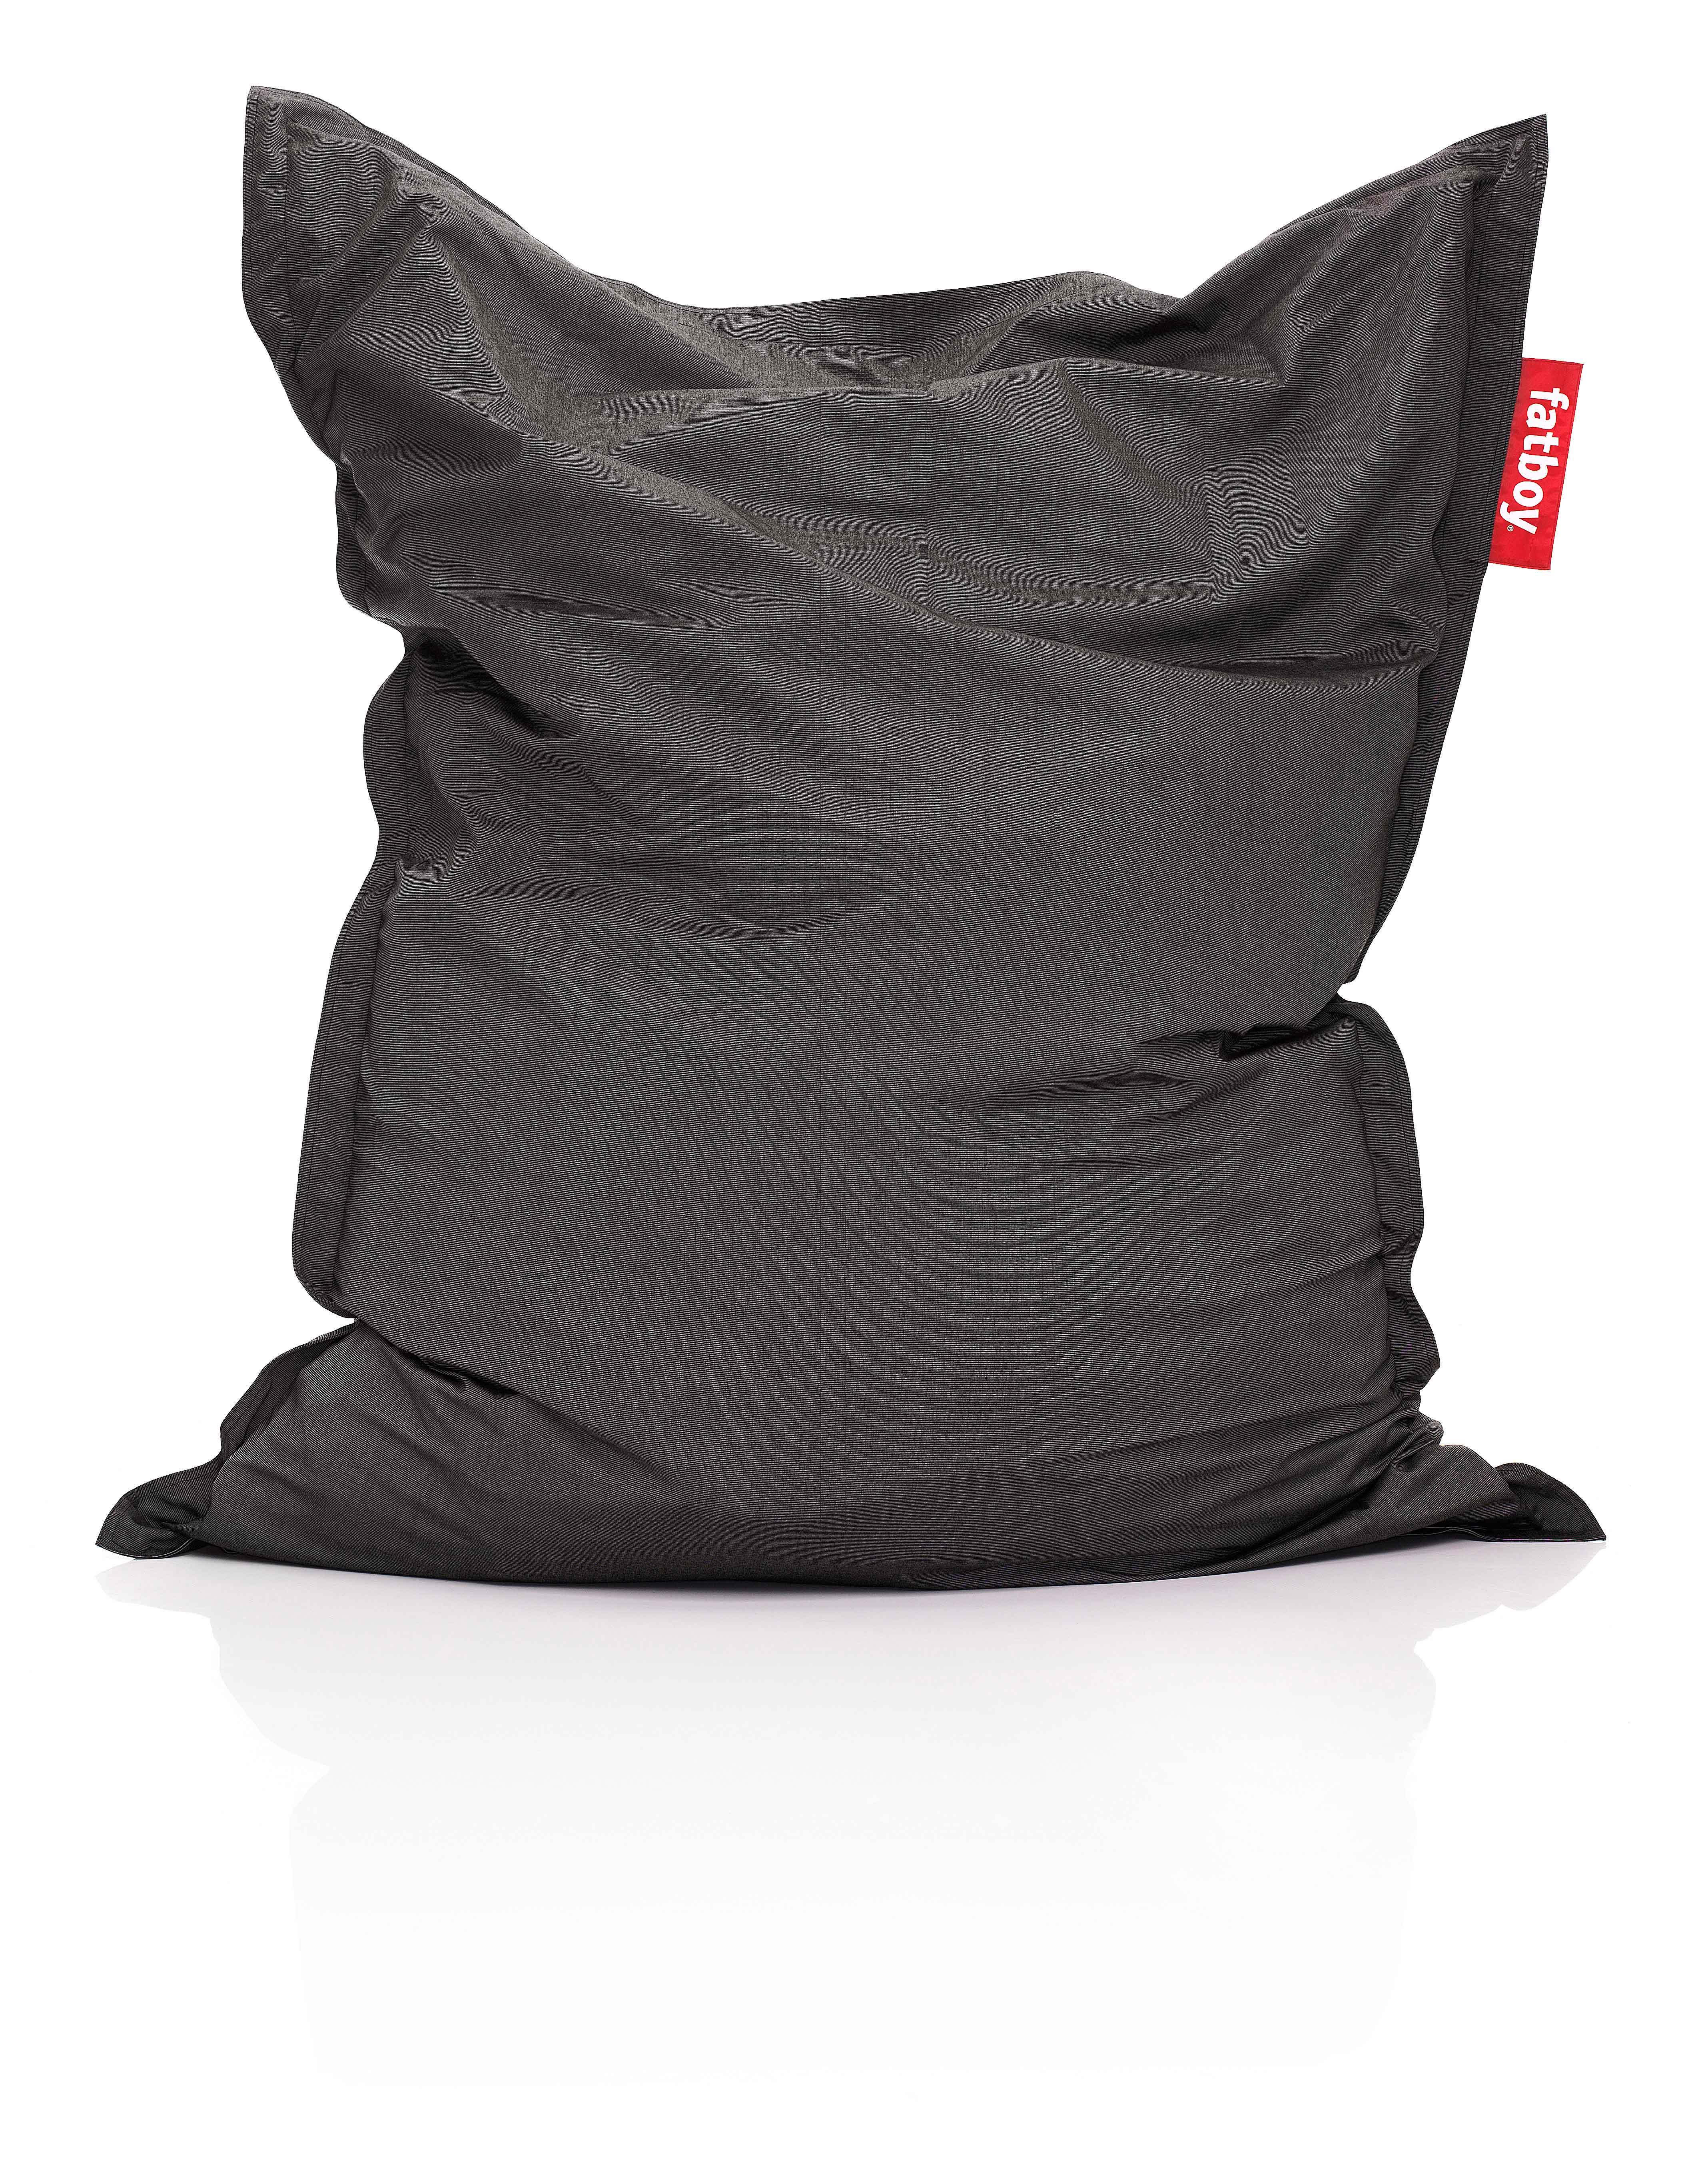 102462 fatboy original sitzsack outdoor holzkohle. Black Bedroom Furniture Sets. Home Design Ideas